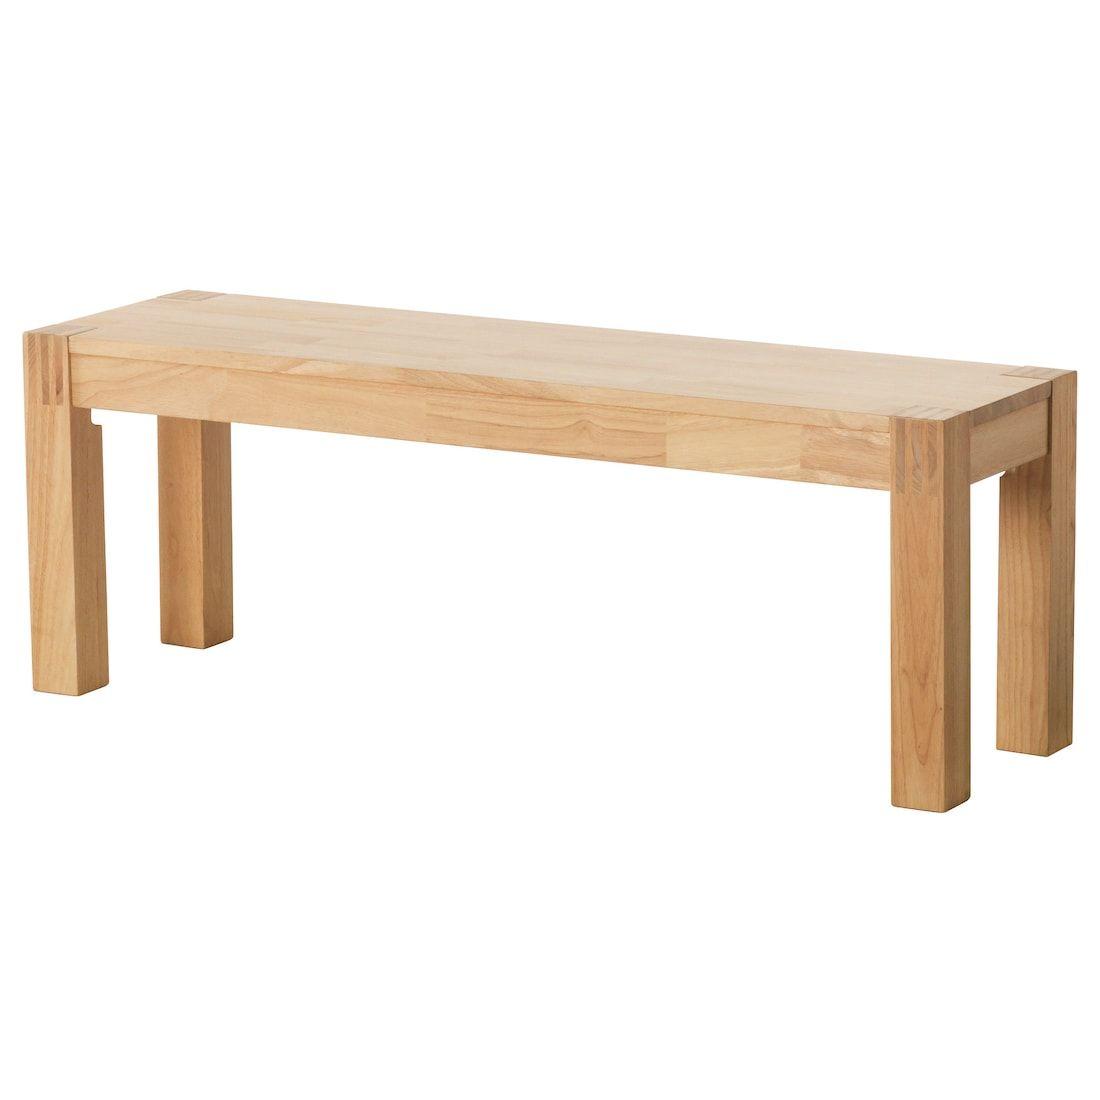 Nordby Bank Gummibaum Heute Noch Kaufen Ikea Deutschland In 2020 Sitzbank Holz Ikea Stuhle Esszimmer Sitzbank Esszimmer Ikea